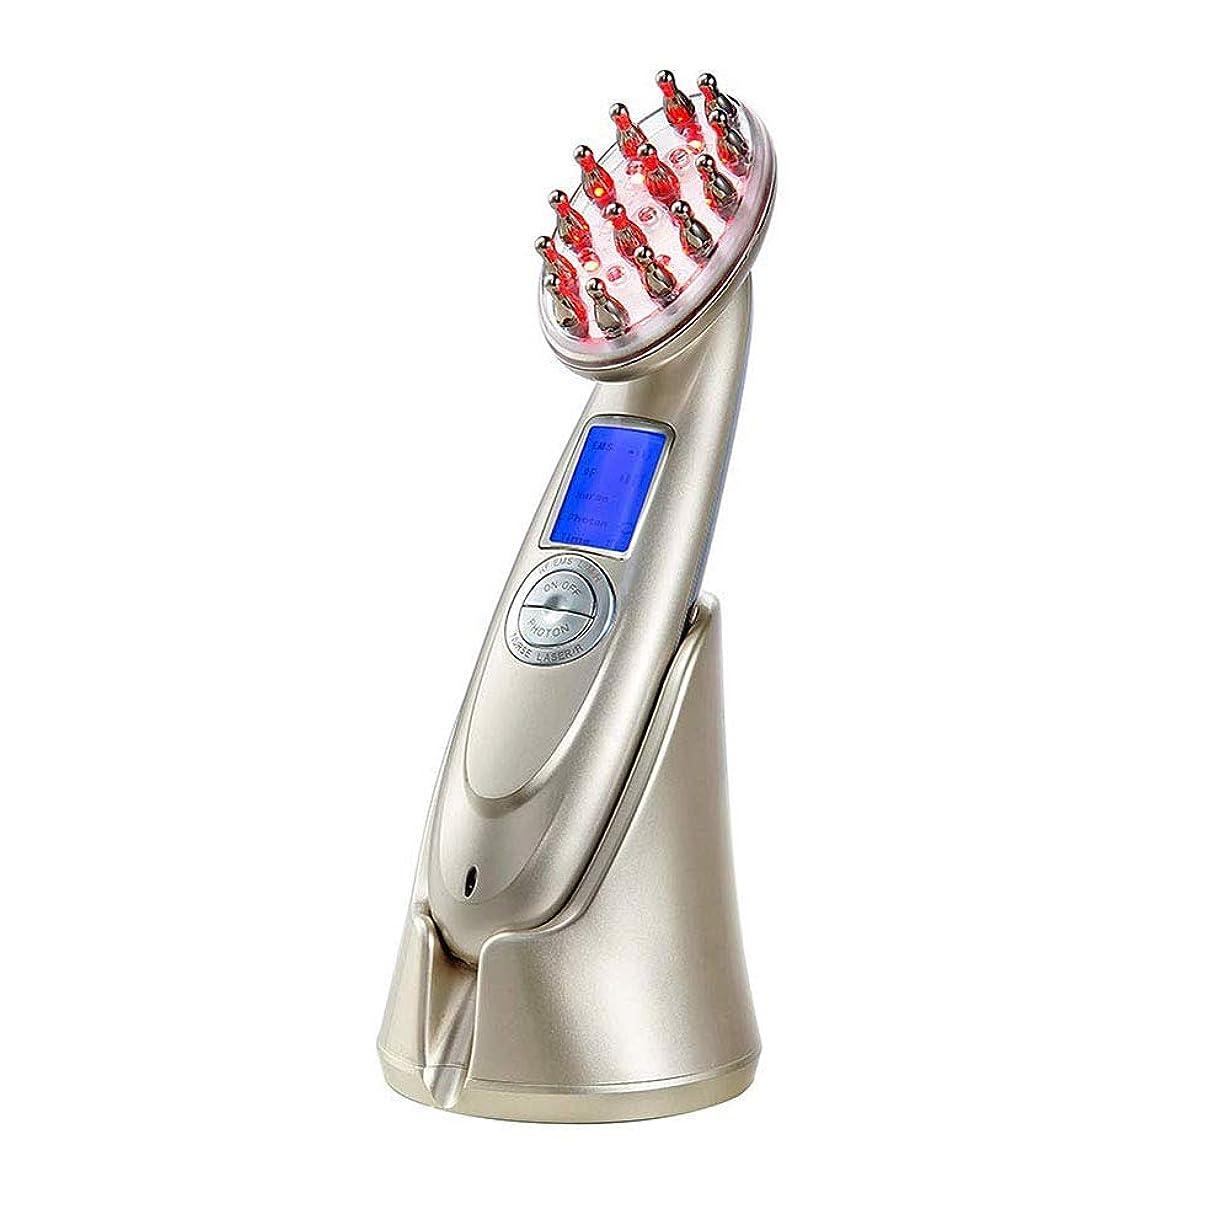 勇敢なキャリッジシャベル髪の成長櫛電気抗毛損失治療マッサージヘア再生ブラシ無線周波数職業 EMS Led フォトンライトセラピー櫛